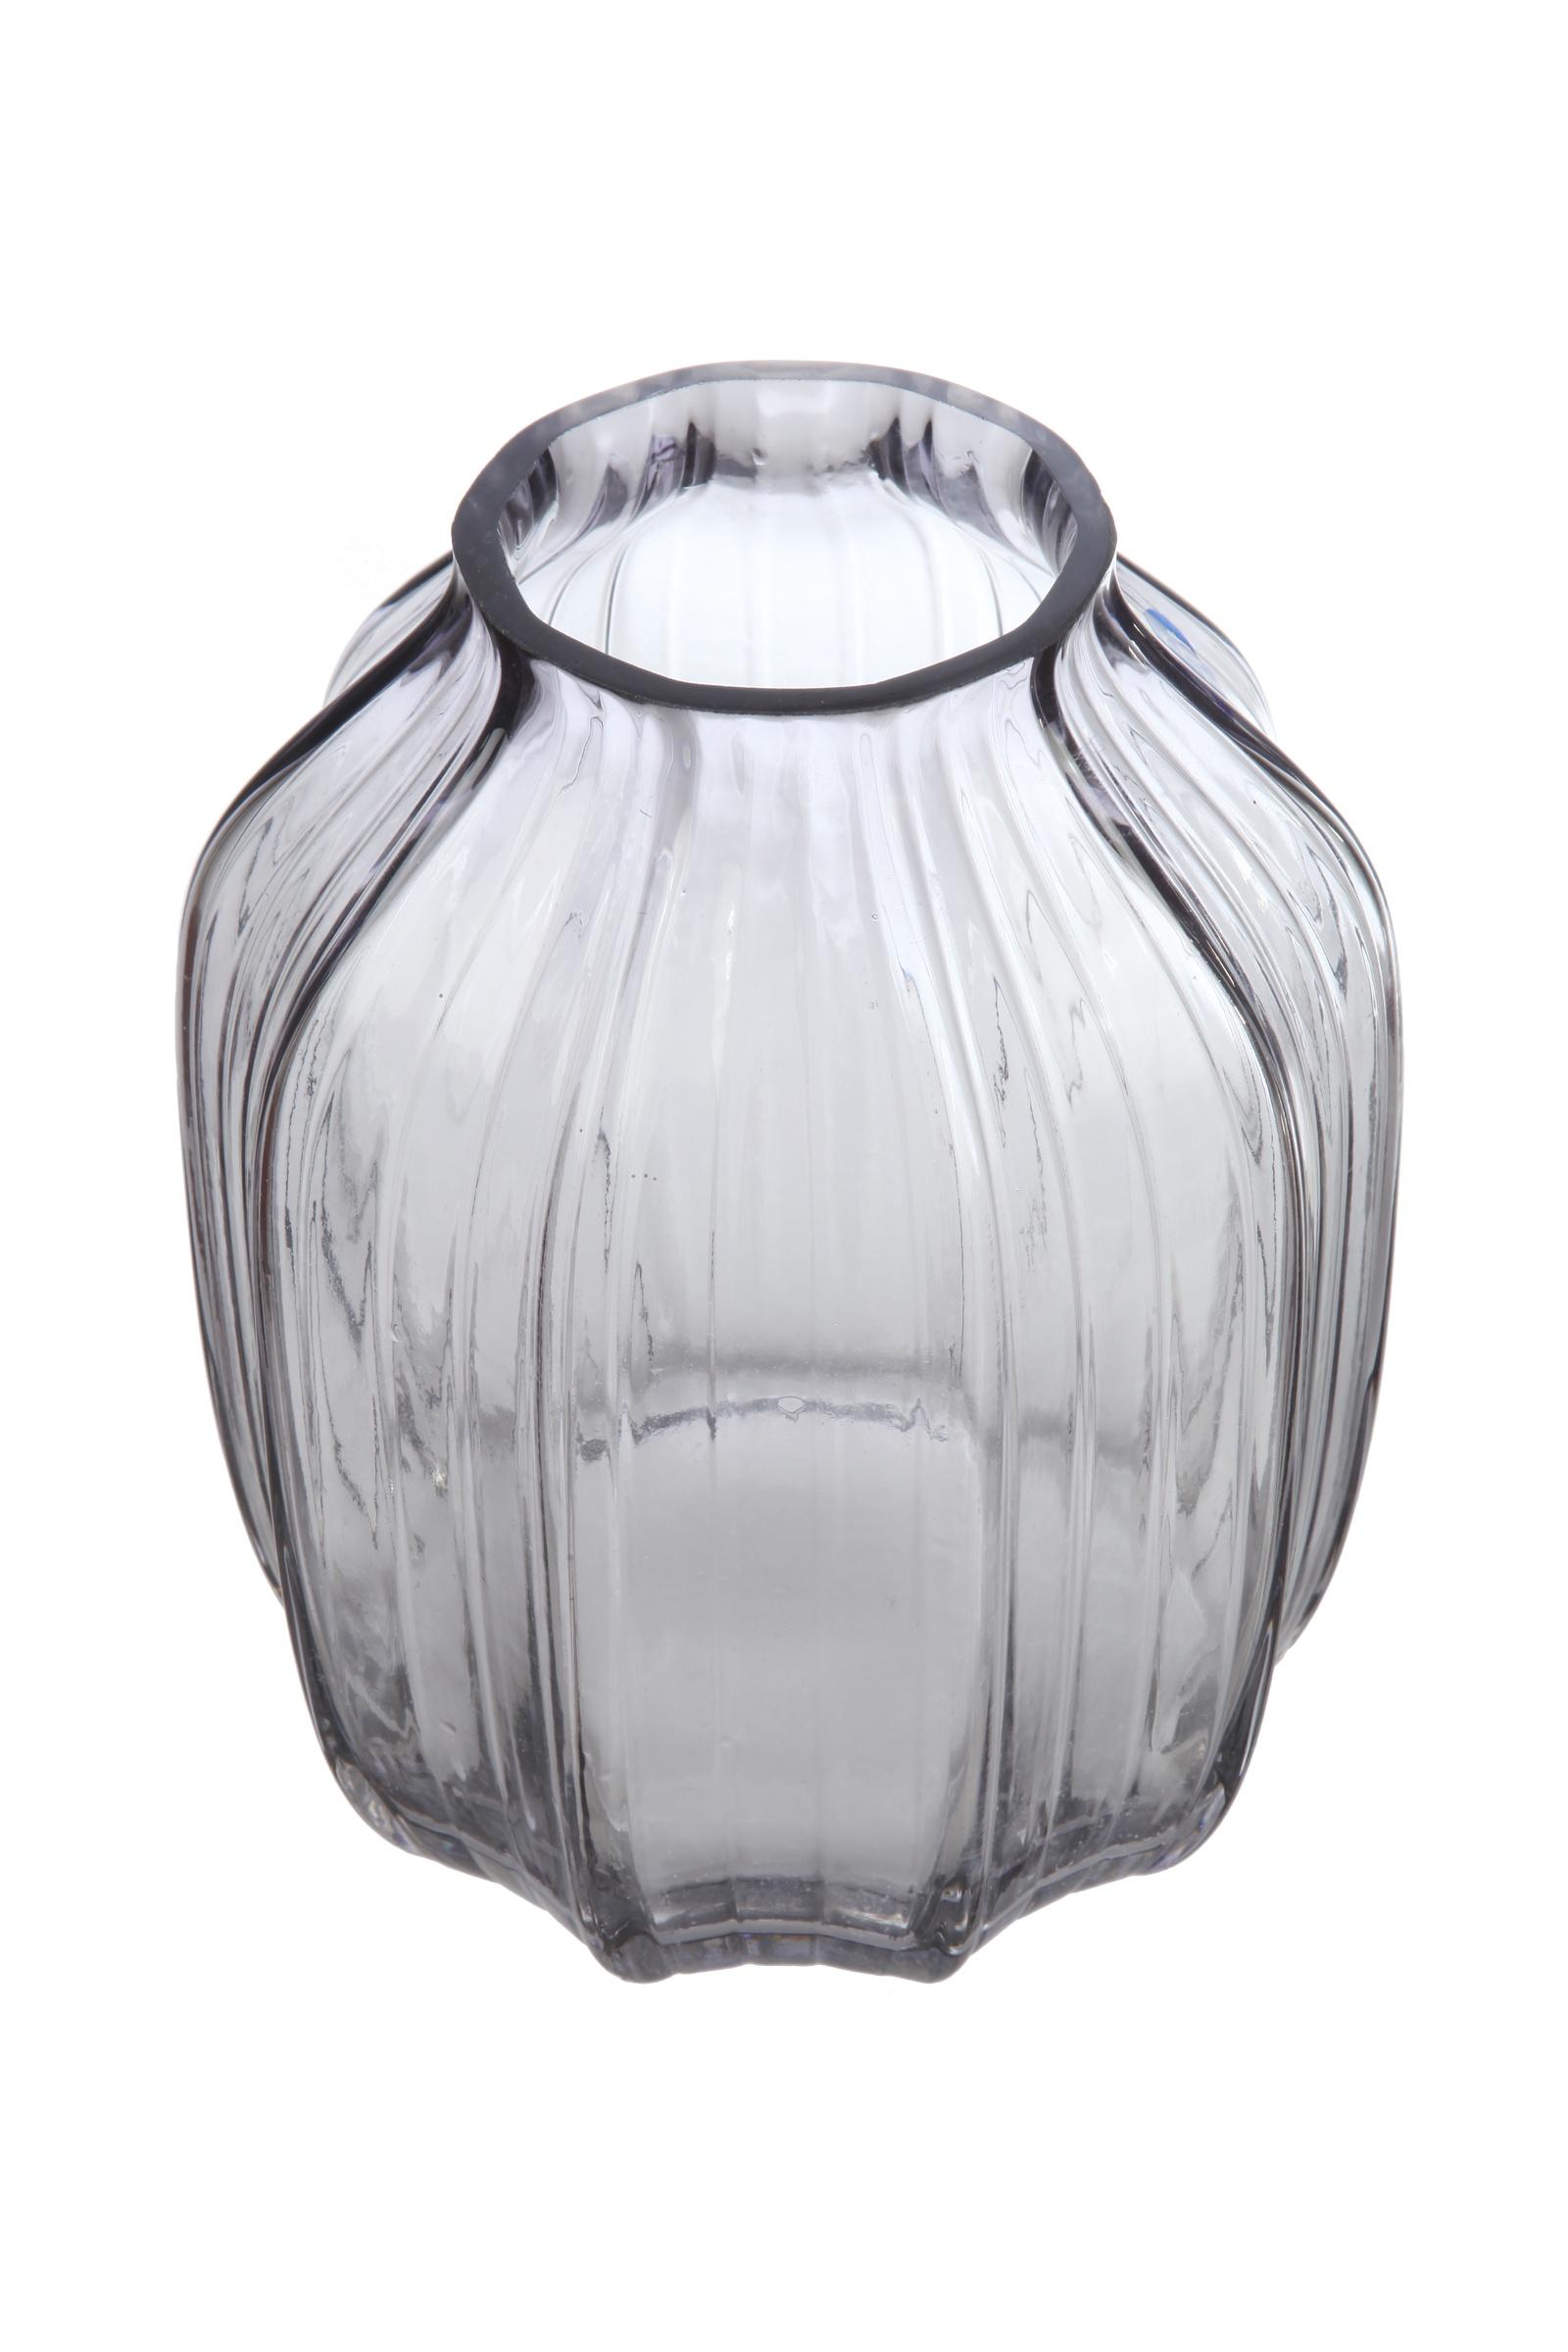 Ваза IsmatDecor Стеклянная ваза, ST-5 прозрачный, прозрачный